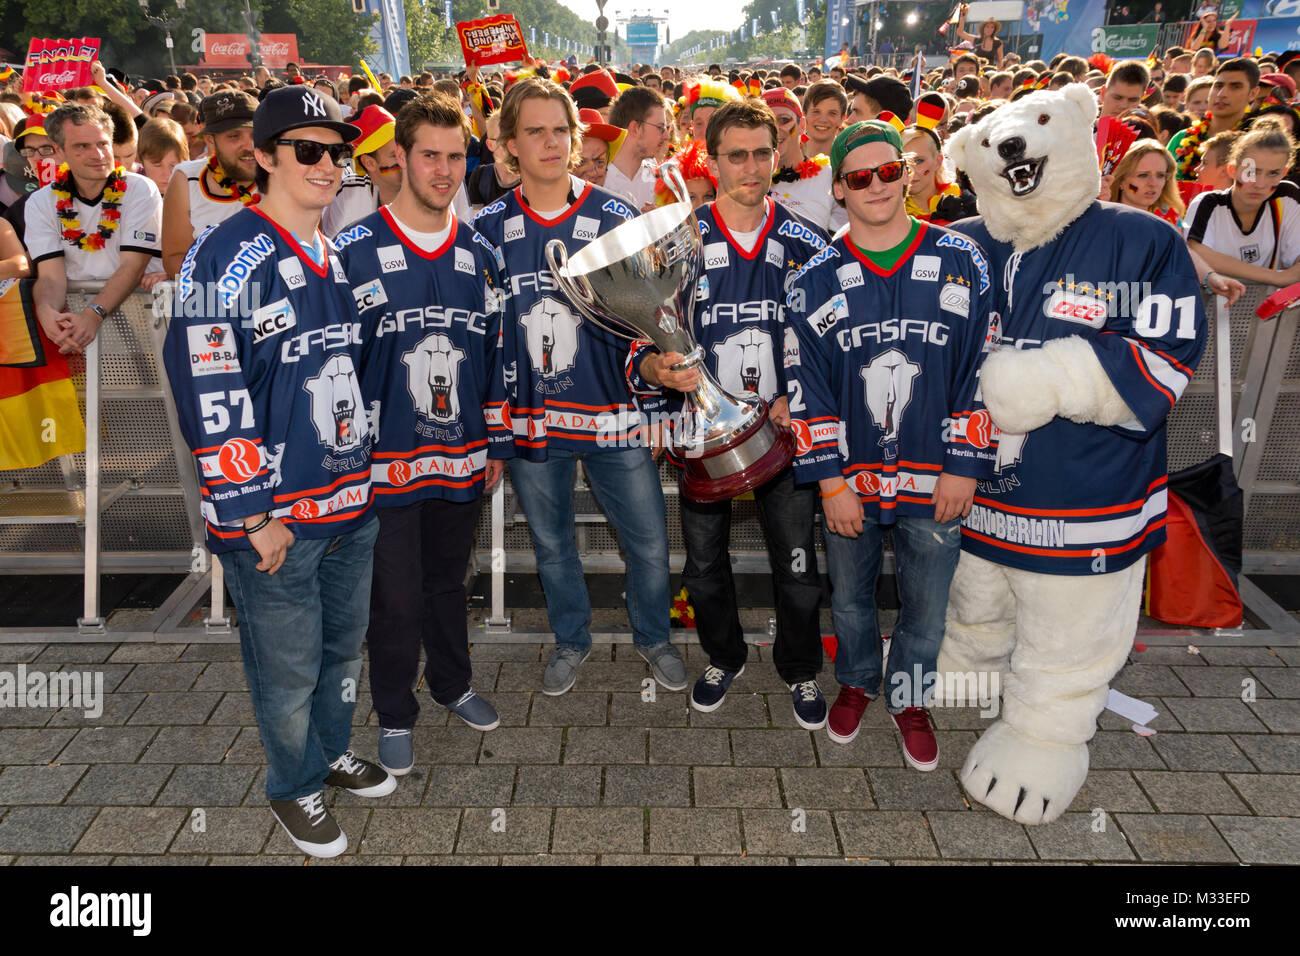 Die Berliner Eisbären mit Pokal im Pressegraben vor der Bühne bei den Fans auf der Fanmeile zur Europameisterschaft 2012 Deutschland gegen Italien am Brandenburger Tor en Berlín. Foto de stock